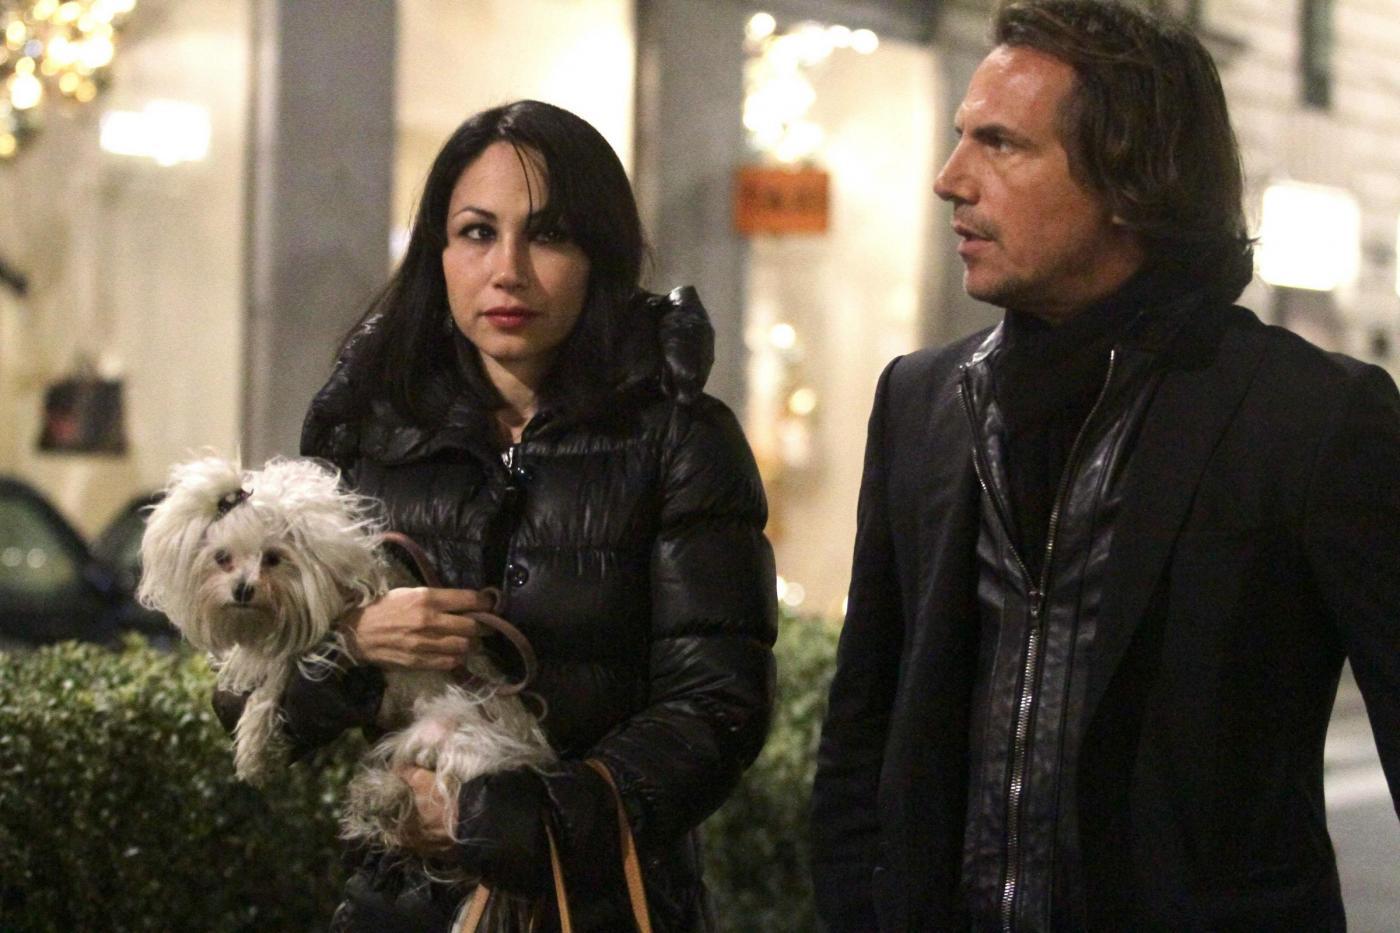 Antonio Zequila con ragazza e cagnolino a Milano05